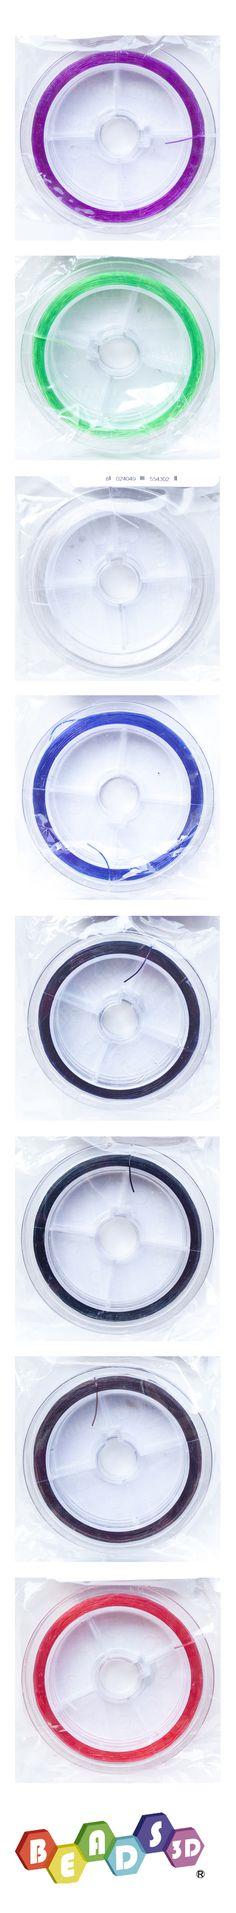 Elastica wire, 0,5 mm, BEADS3D ®, made in Taiwan - http://www.gemmopoli.com/componenti-bigiotteria?dettaglio=19538=21820